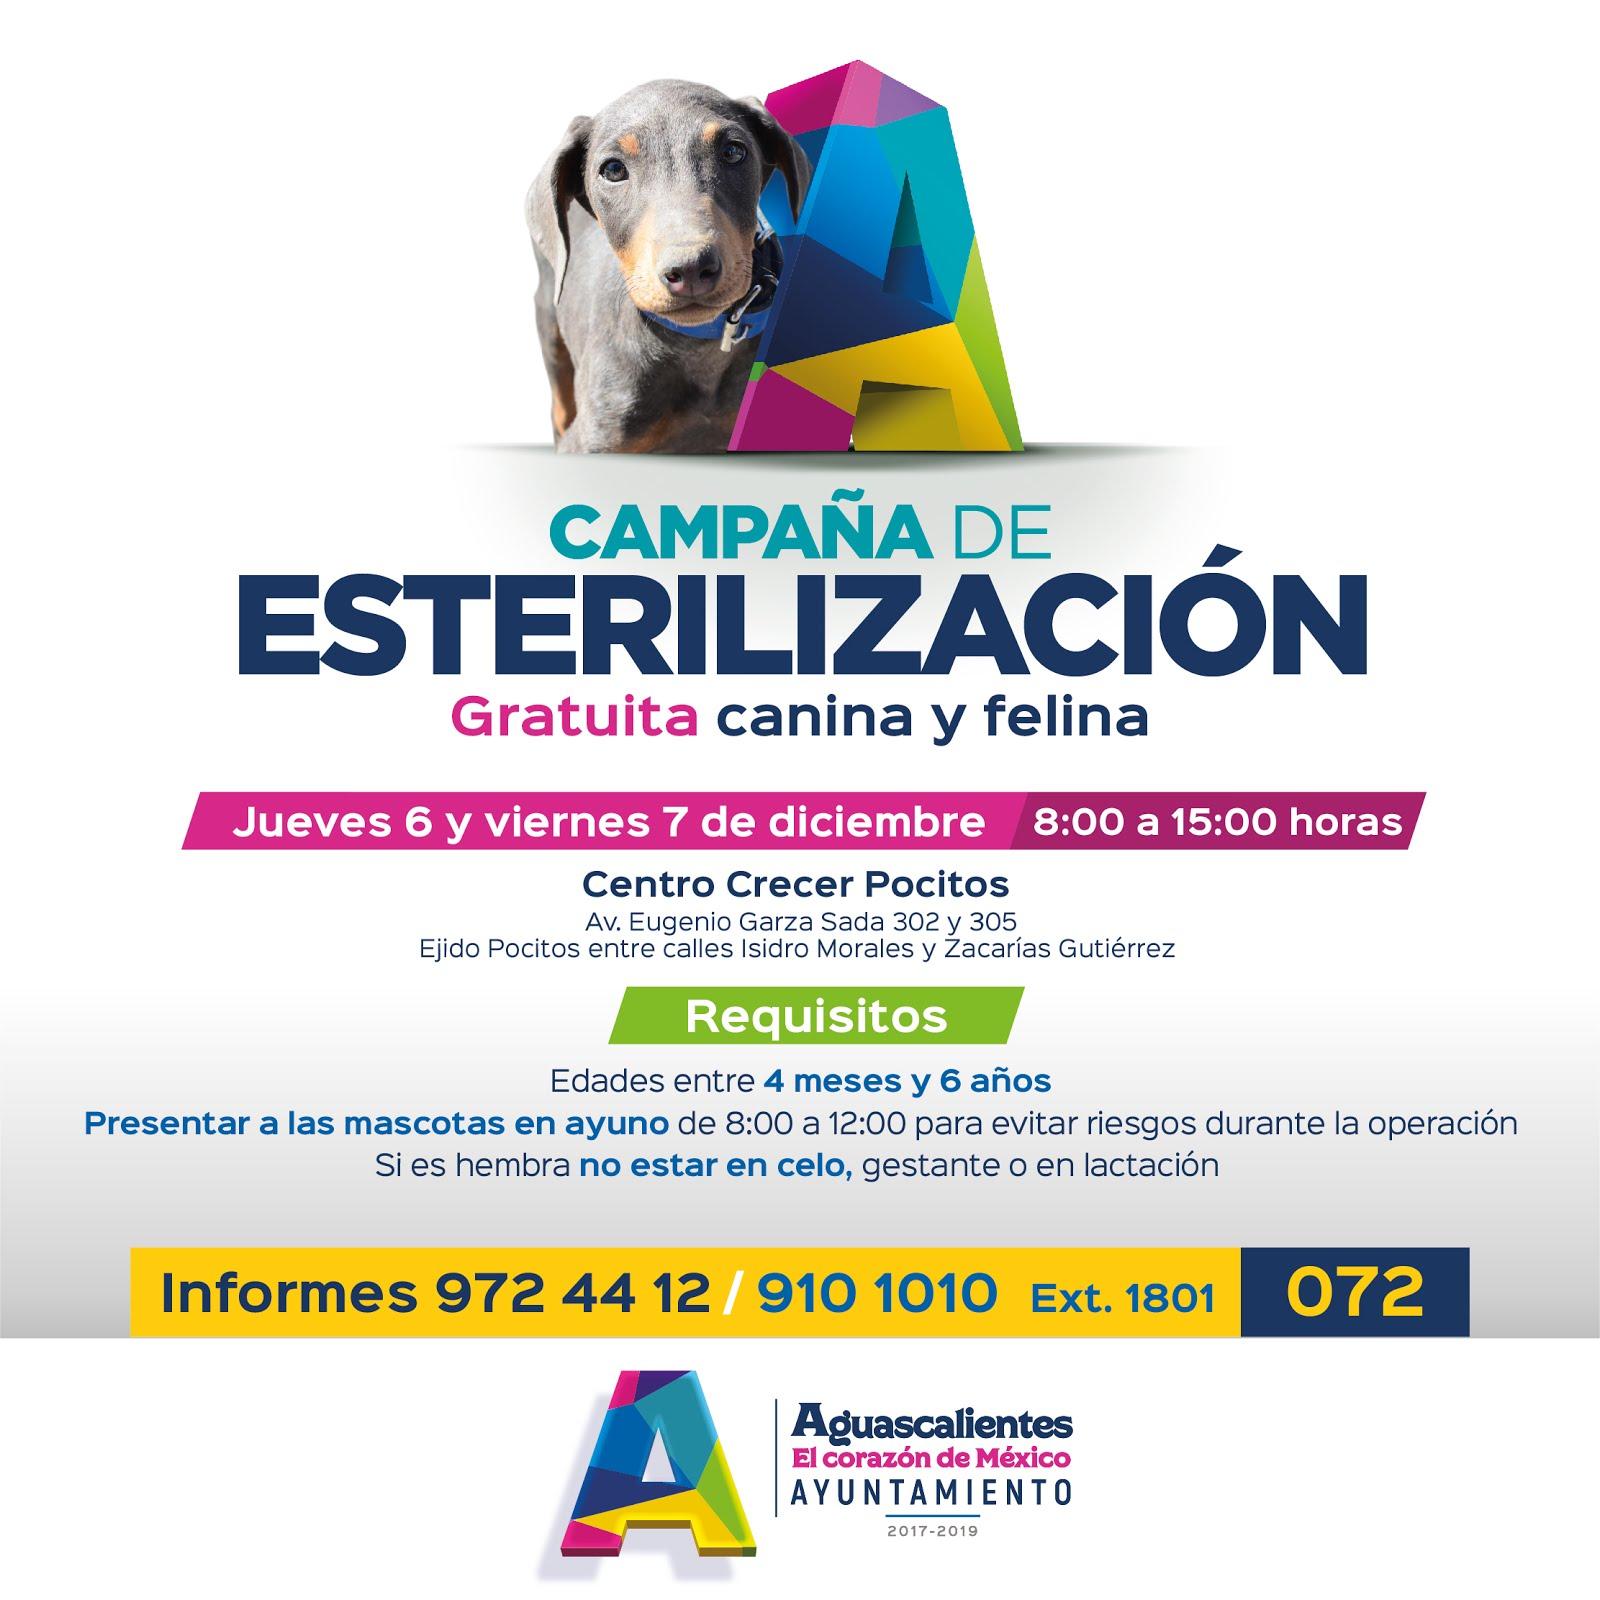 ... tienen como principal propósito evitar la sobrepoblación canina y  felina en condición de calle 6c98e3f90d1